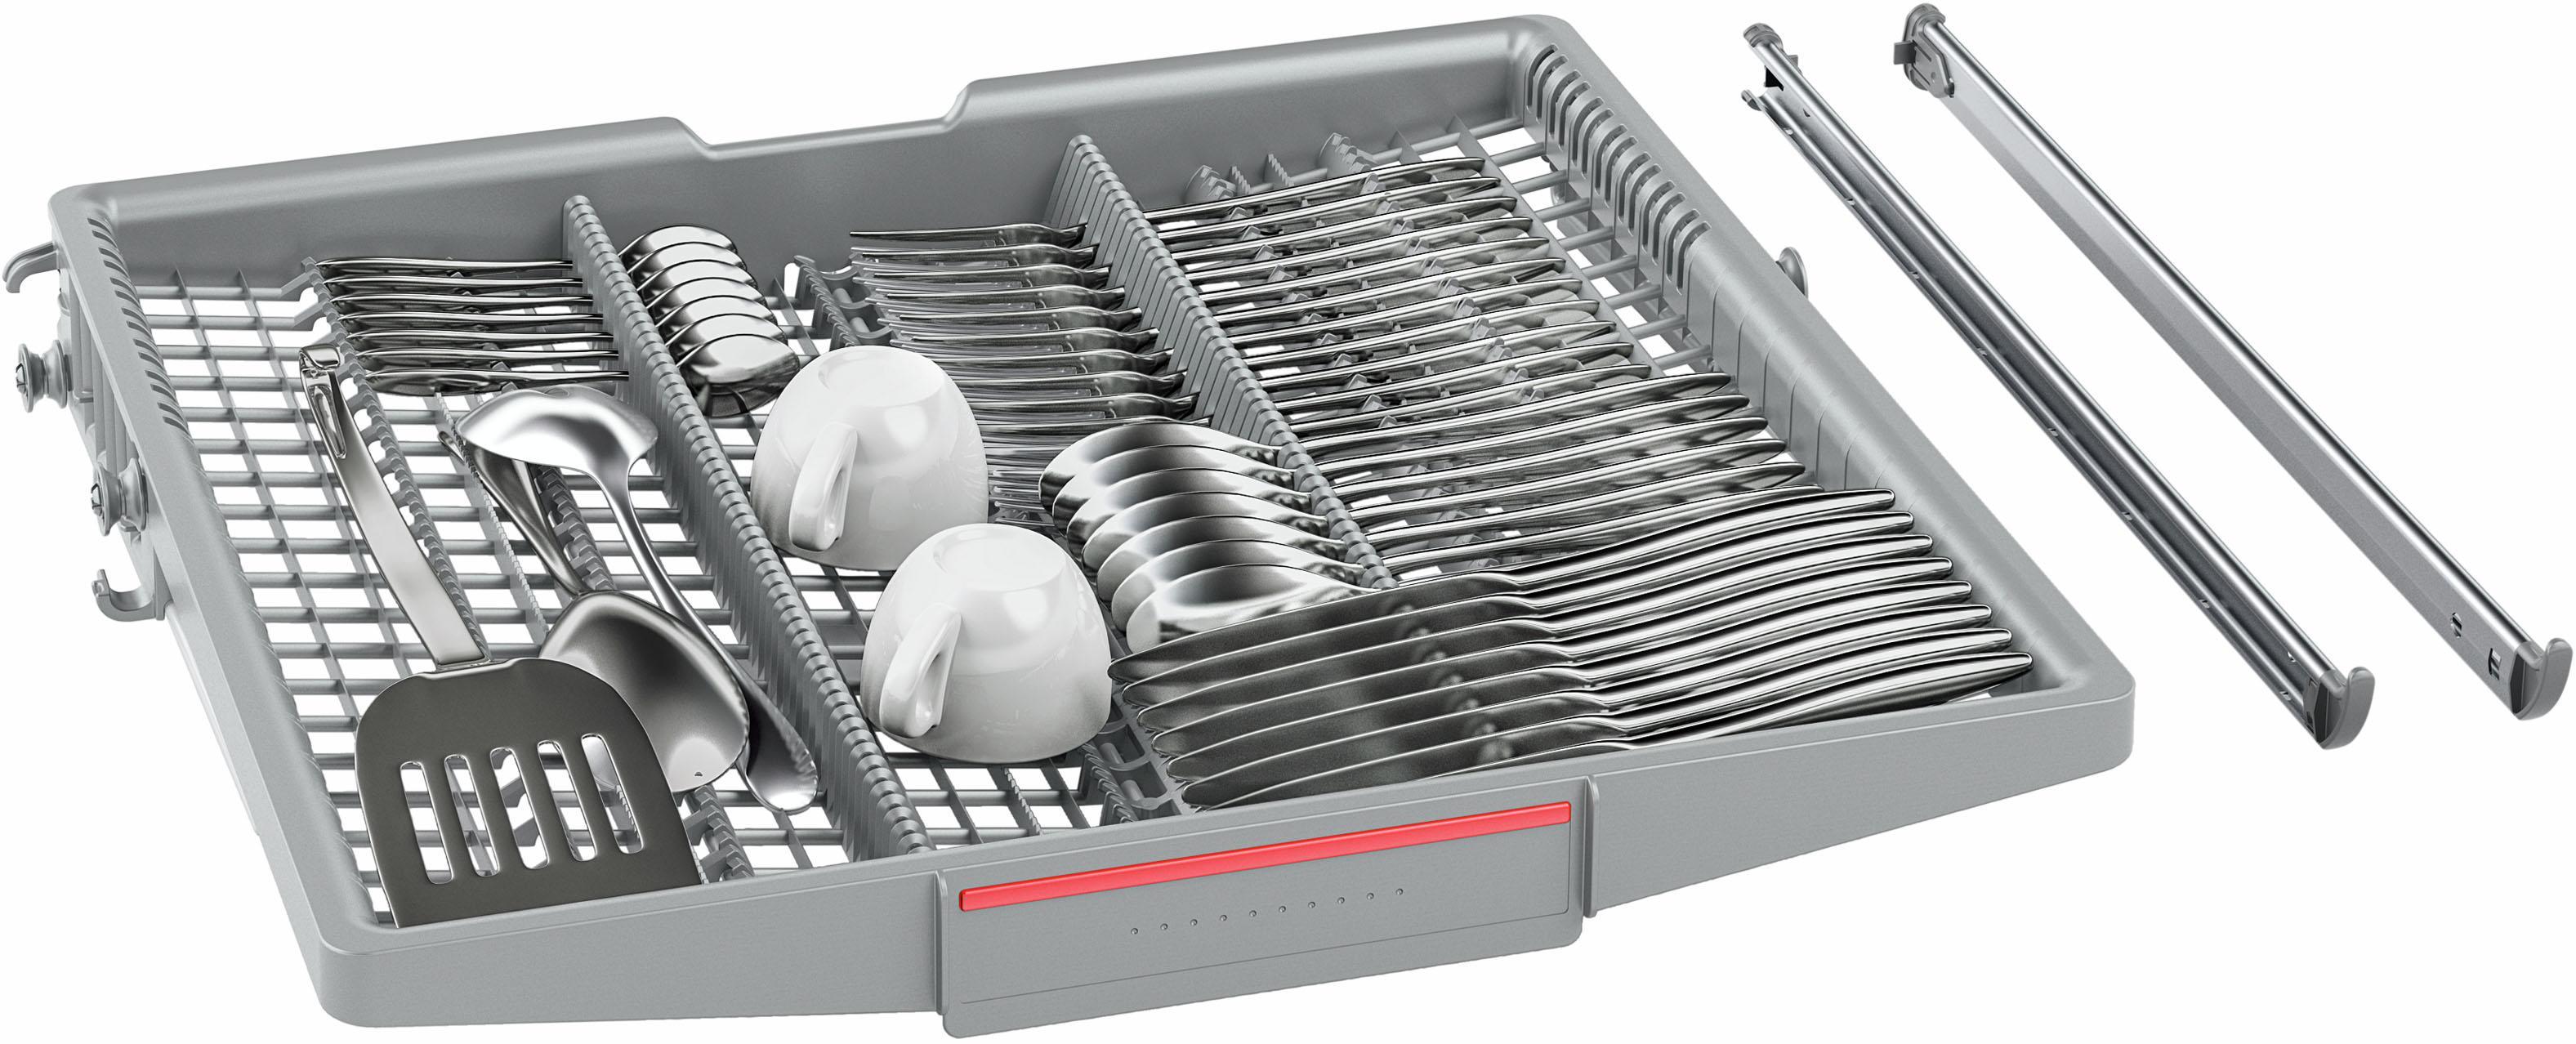 BOSCH Besteckschublade SMZ1014 grau Geschirrspüler SOFORT LIEFERBARE Haushaltsgeräte